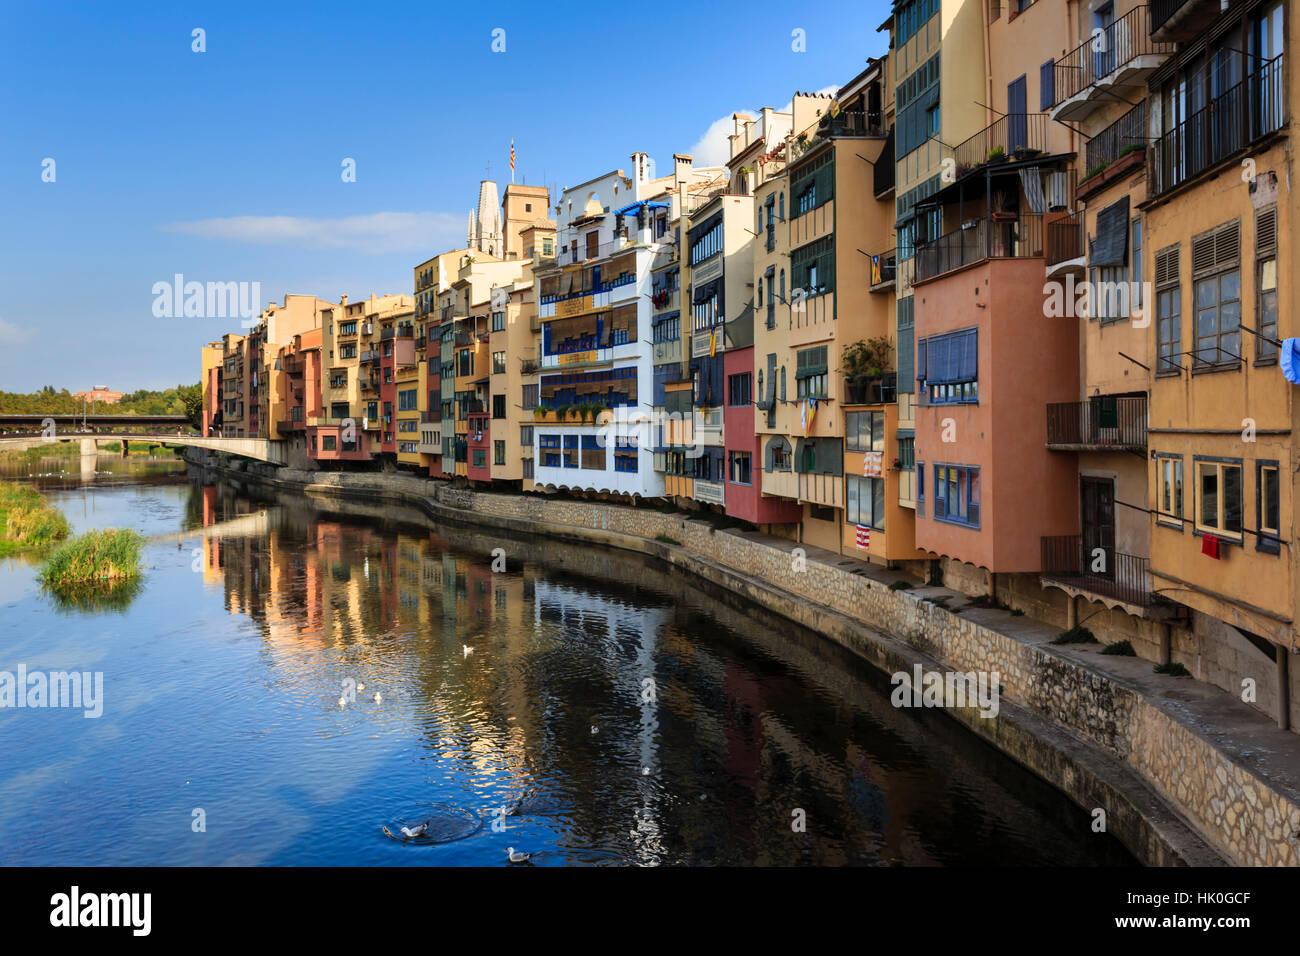 Unverwechselbaren historischen farbigen Arkaden Häuser und Fluss Onyar, Girona, Provinz Girona, Katalonien, Stockbild